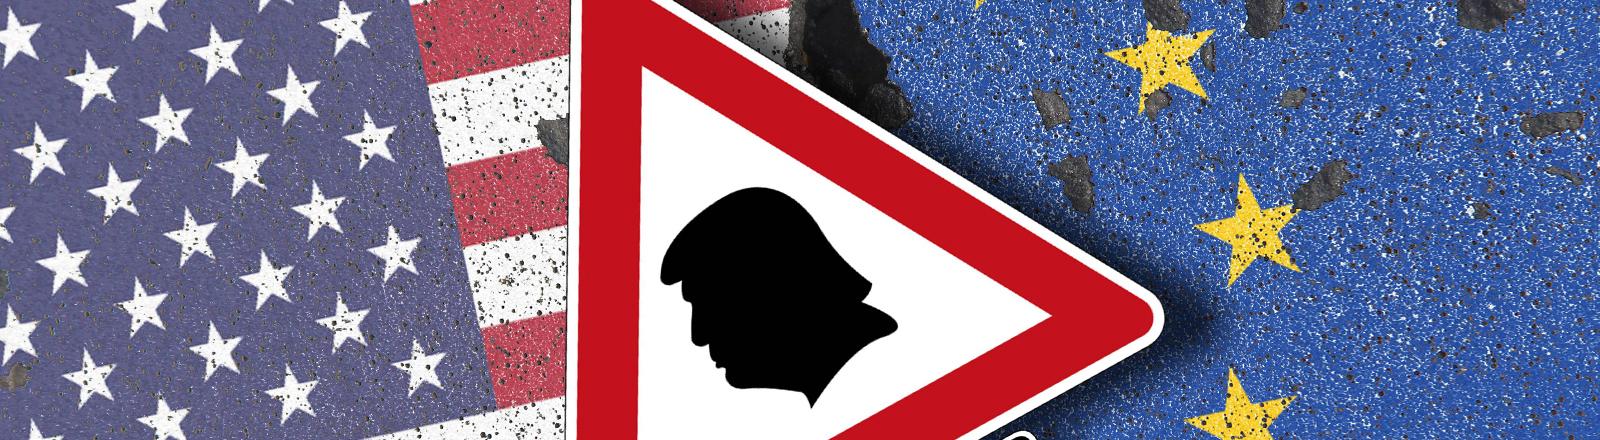 Fotomontage: USA- und EU-Flagge, Verkehrsschild mit Trump-Profil